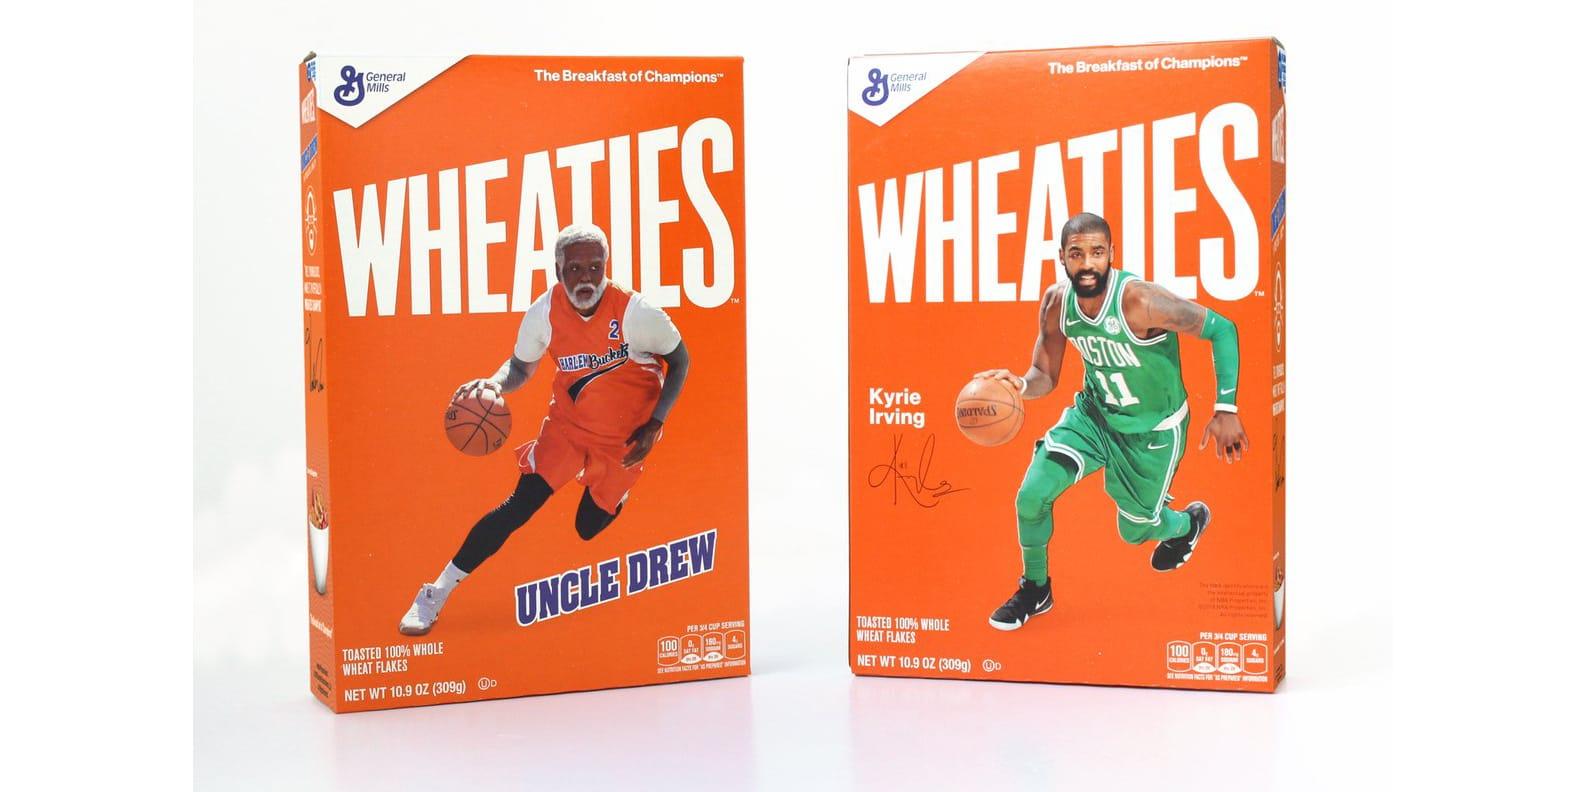 kyrie 4 uncle drew wheaties